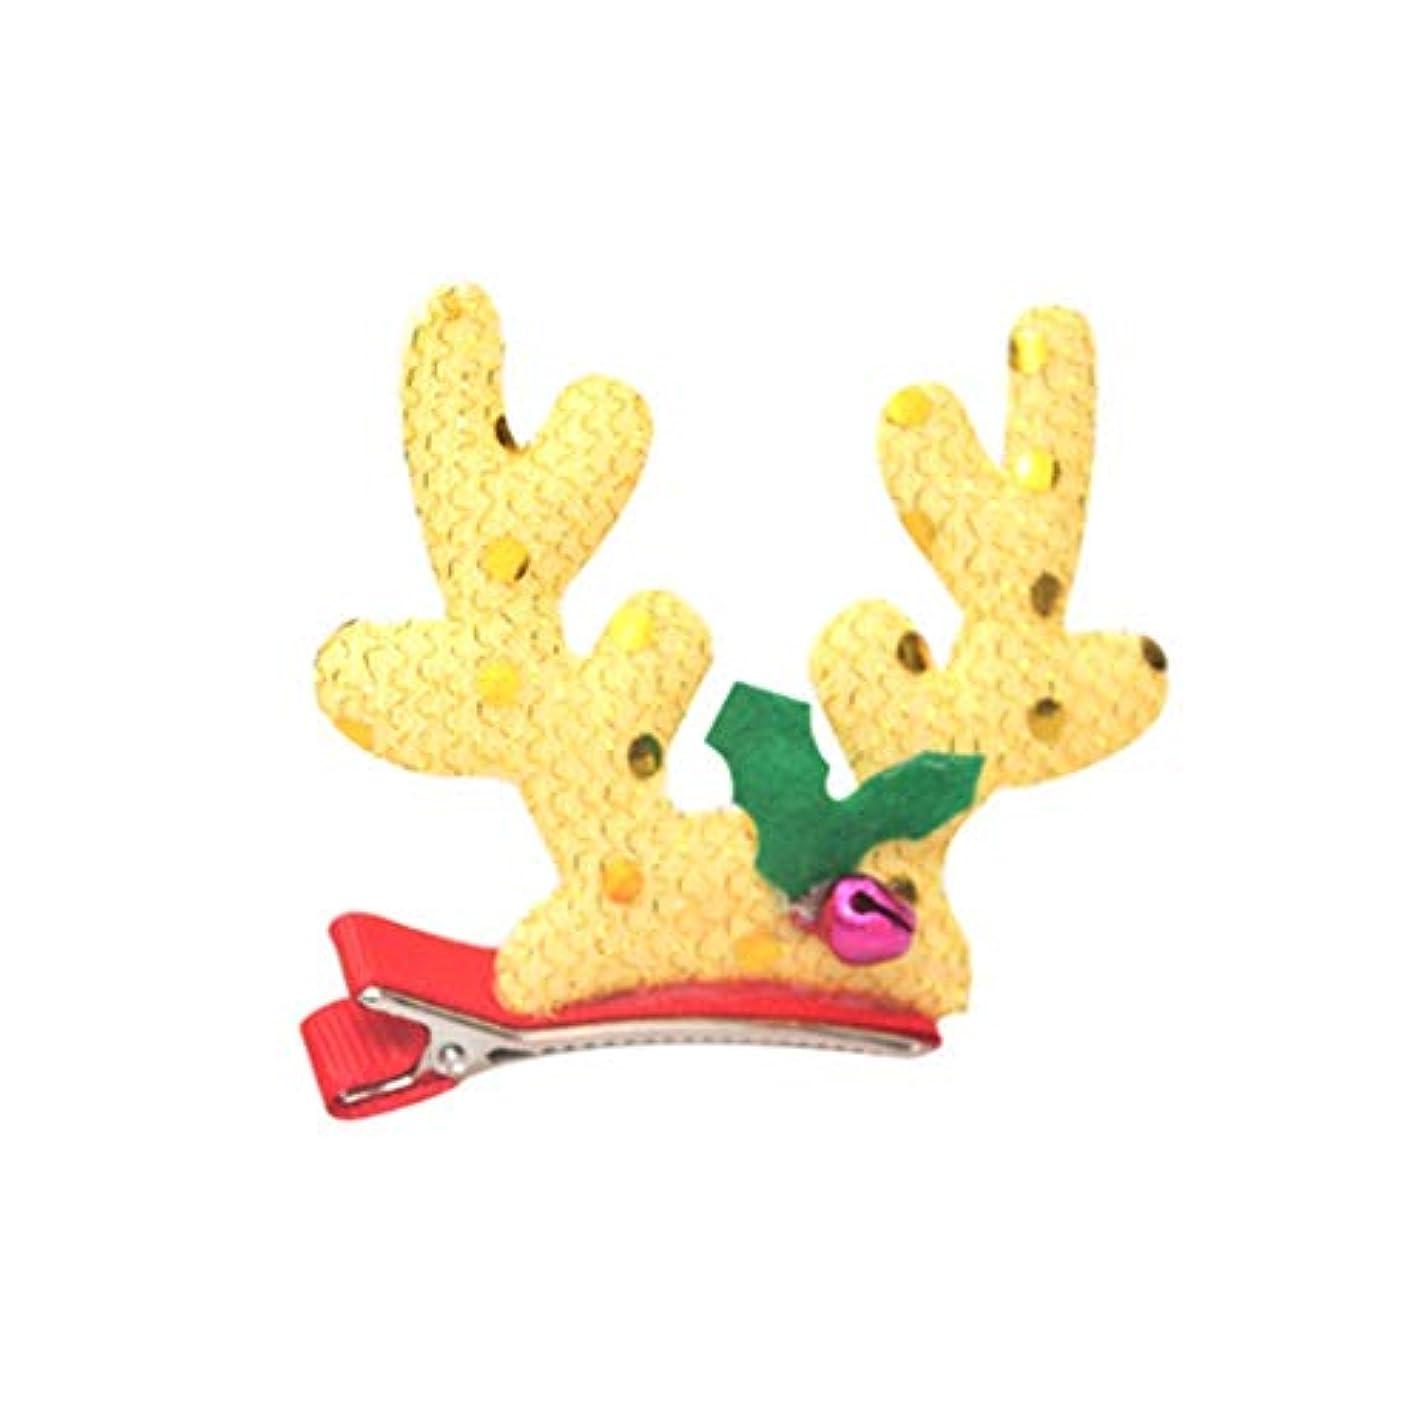 誠実コマンド衝突コースクリスマスの装飾活動ギフトギフトコーラルヘアピンヘアアクセサリー帽子保育園キッズクリエイティブドレスアップ(利用可能な3つのスタイル) (Size : C)